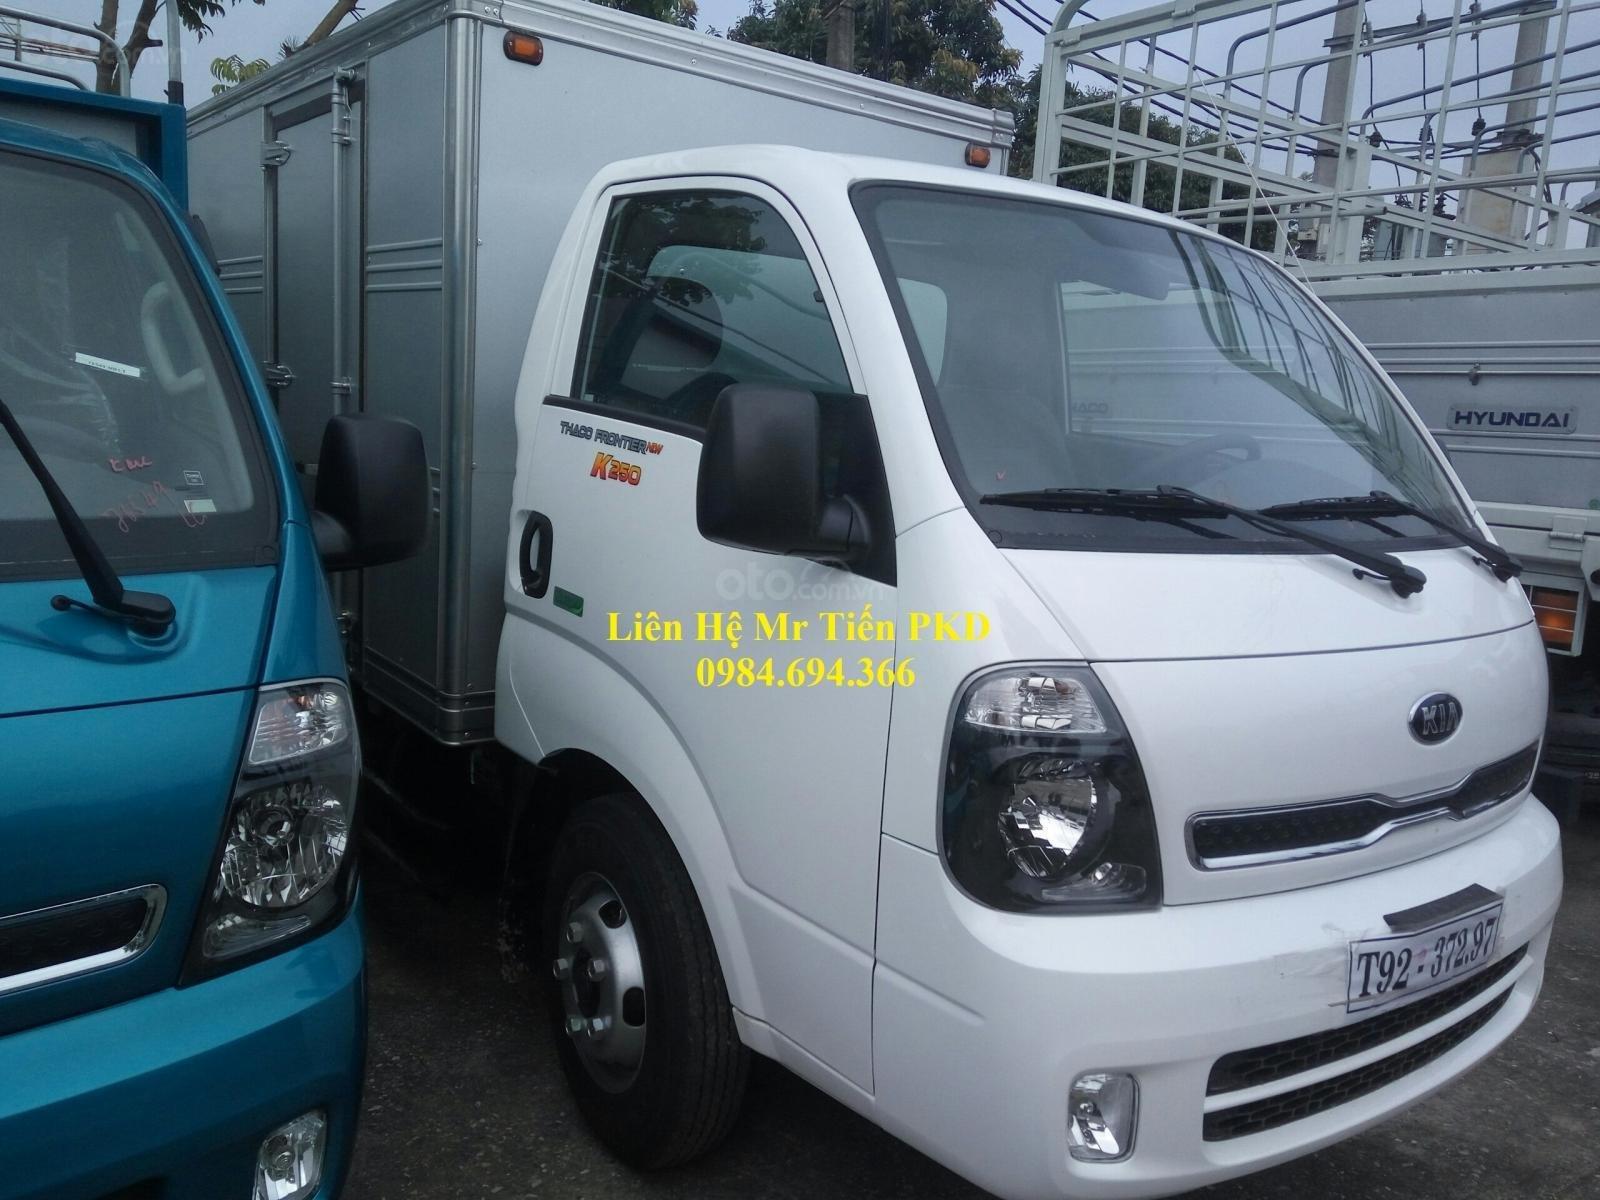 Bán xe tải Kia K250 ABS, tải 2.49 tấn đủ các loại thùng. Liên hệ 0984694366, hỗ trợ trả góp (20)